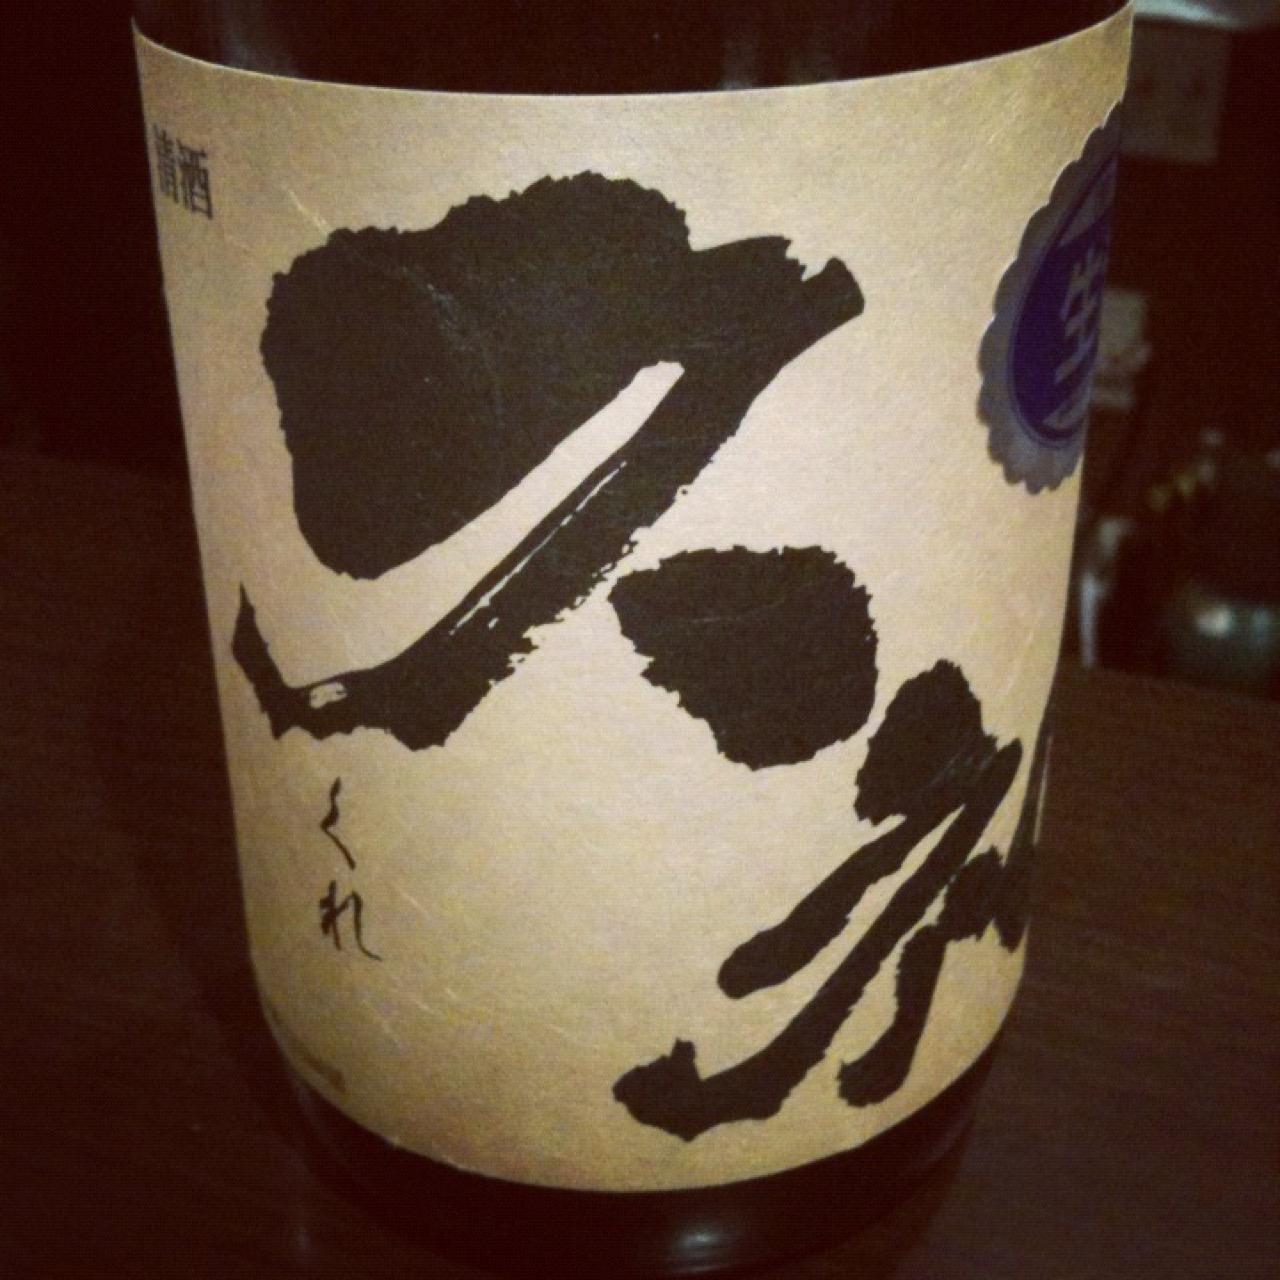 久礼 純米 あらばしり 生原酒|日本酒テイスティングノート